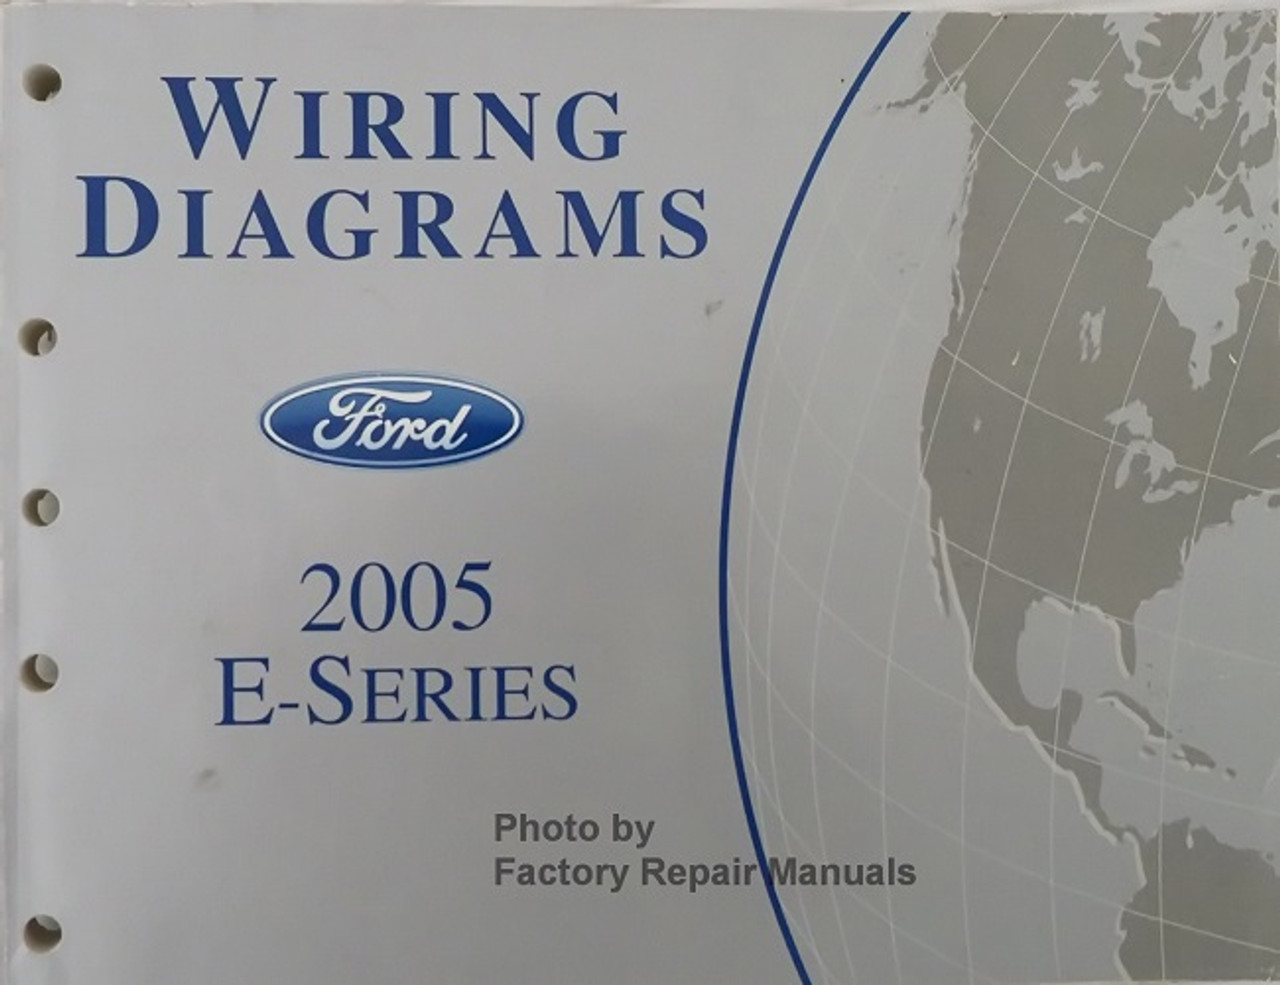 1976 ford courier wiring diagram 2005 ford e150 e250 e350 e450 econoline van club wagon electrical  2005 ford e150 e250 e350 e450 econoline